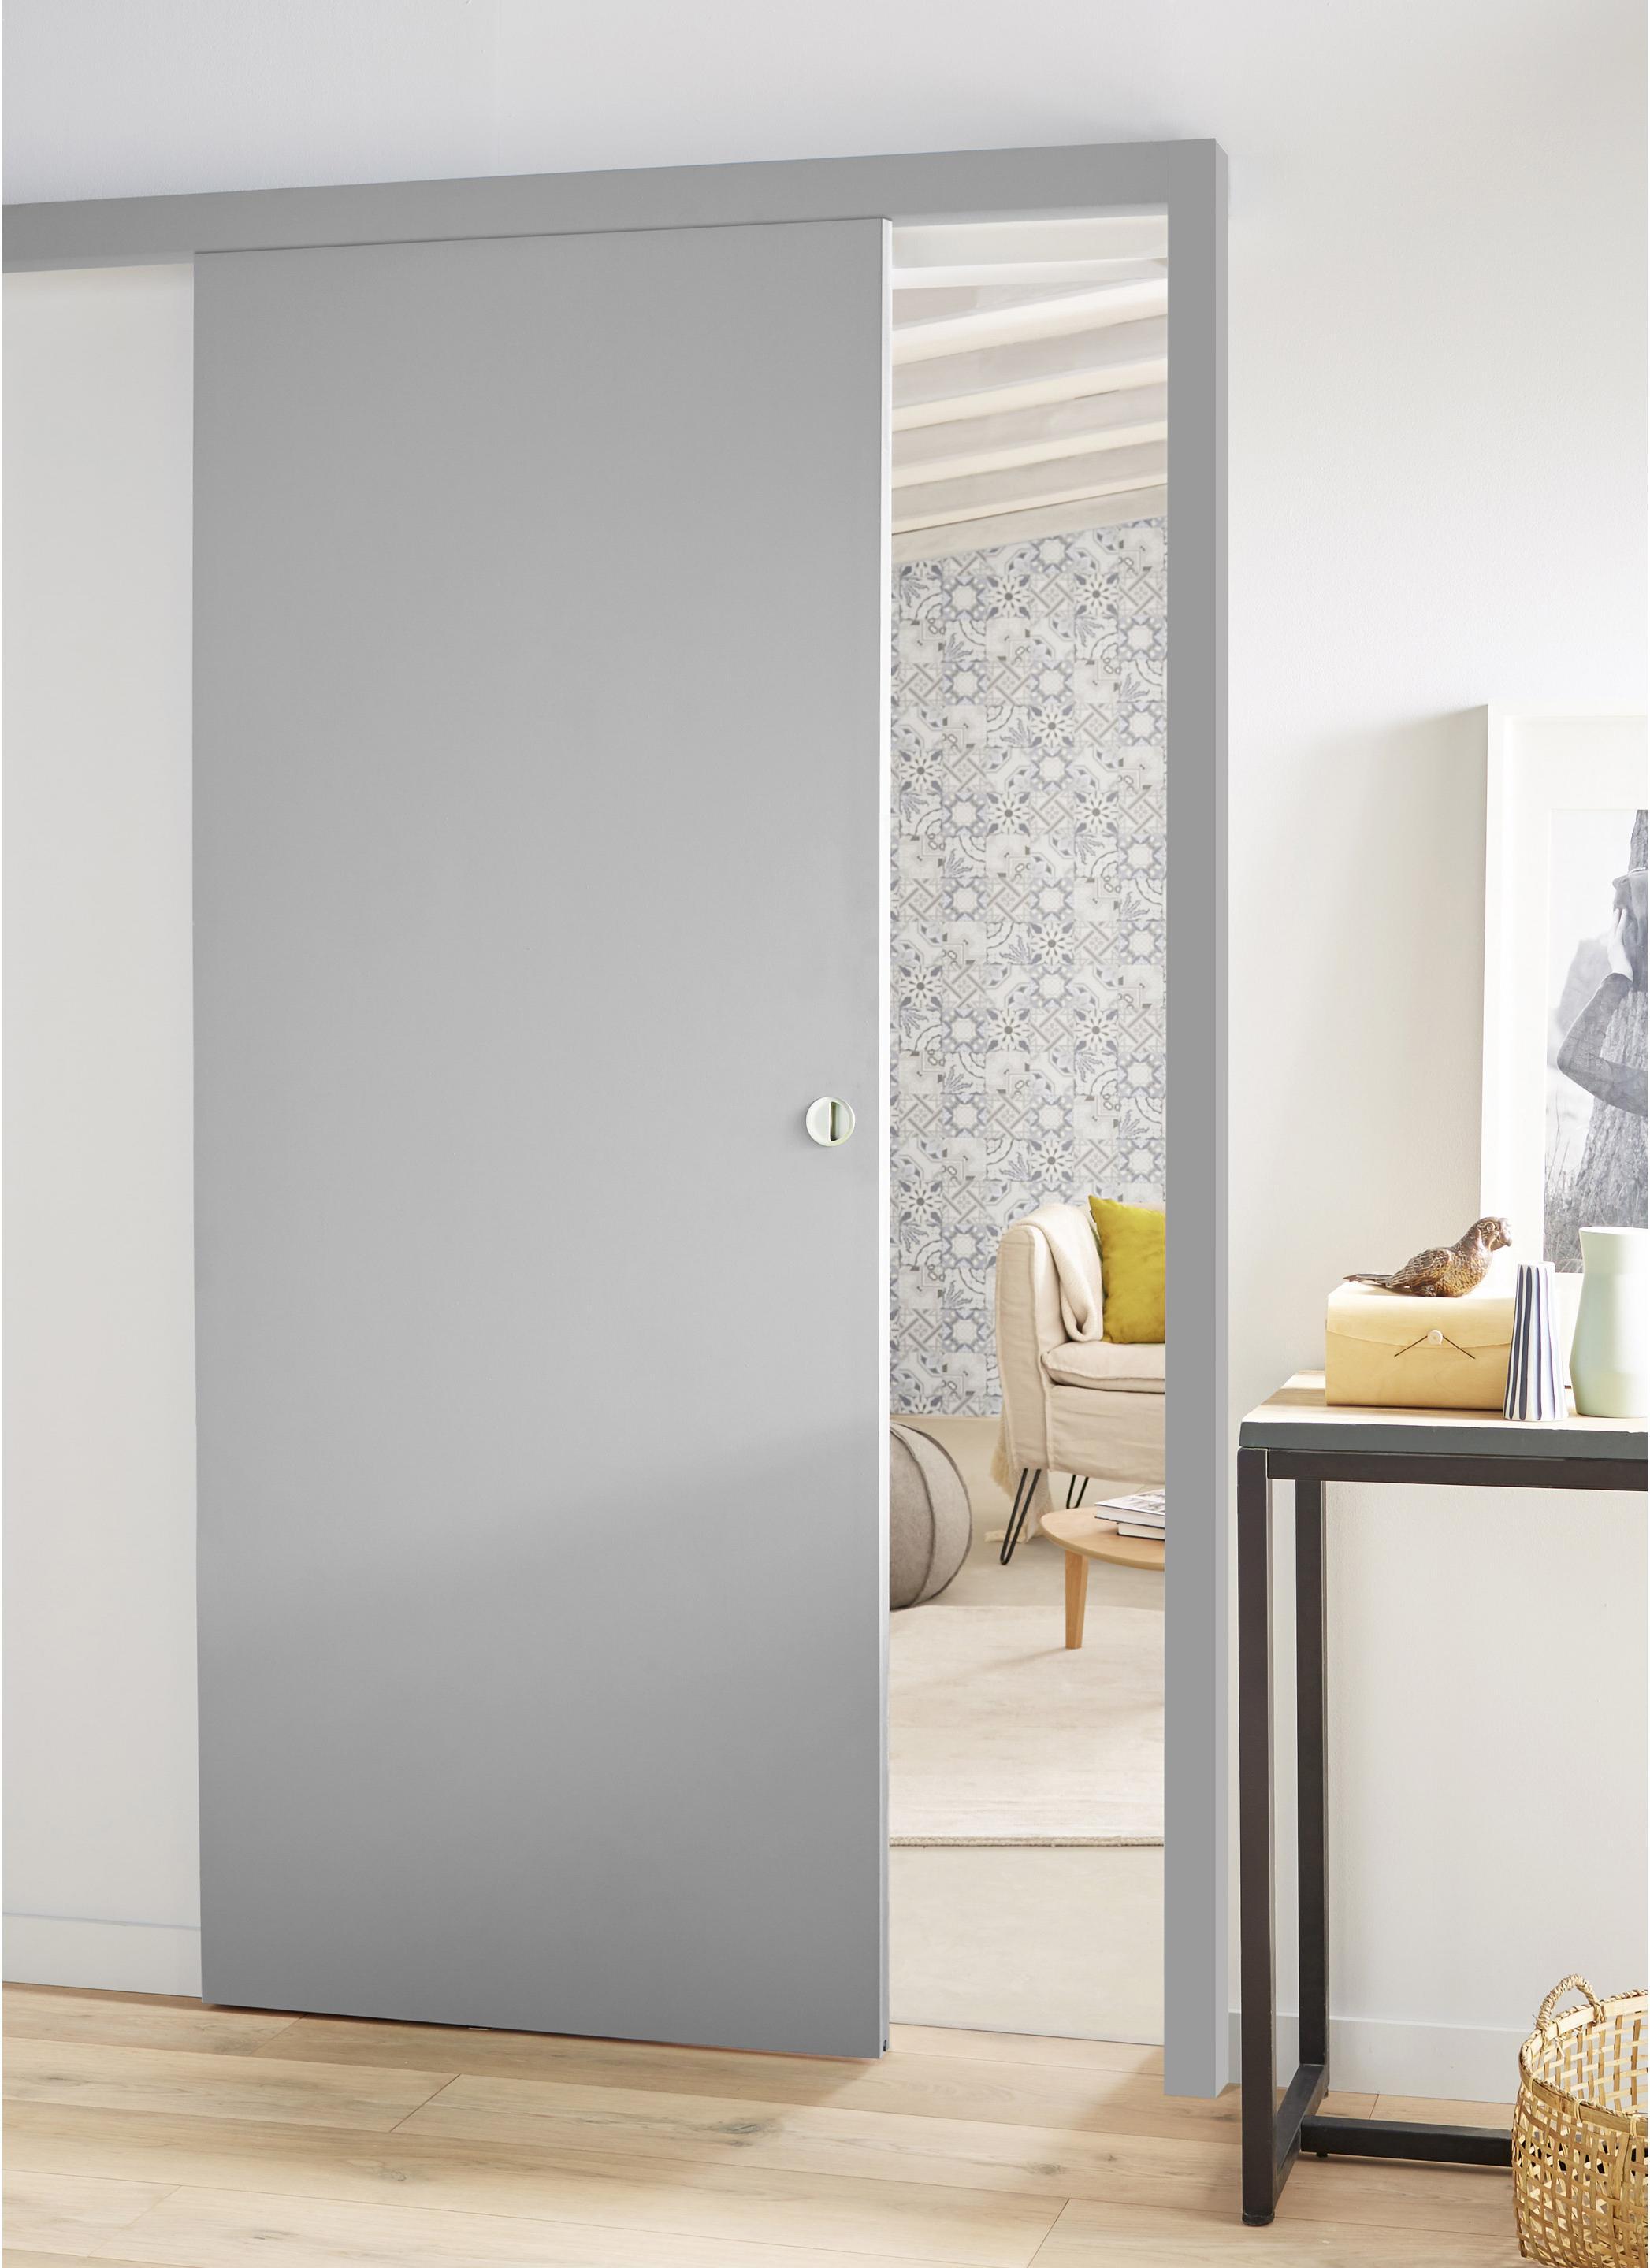 ensemble porte coulissante coulicool mdf rev tu avec le rail en aluminium leroy merlin. Black Bedroom Furniture Sets. Home Design Ideas